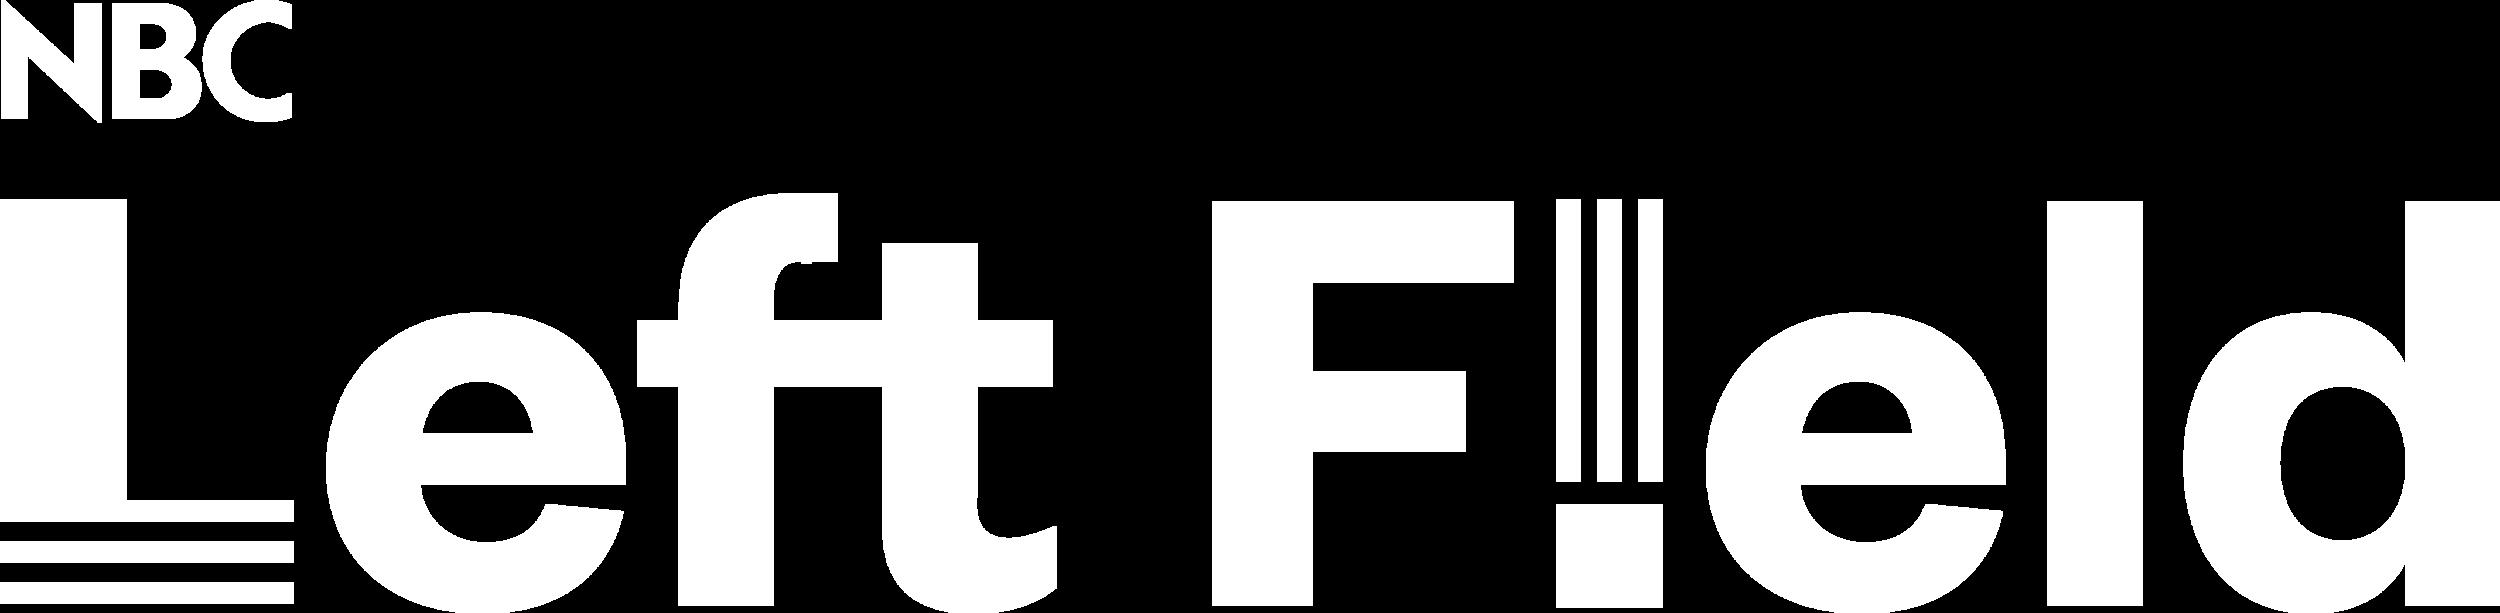 NBC Left Field Wordmark.png